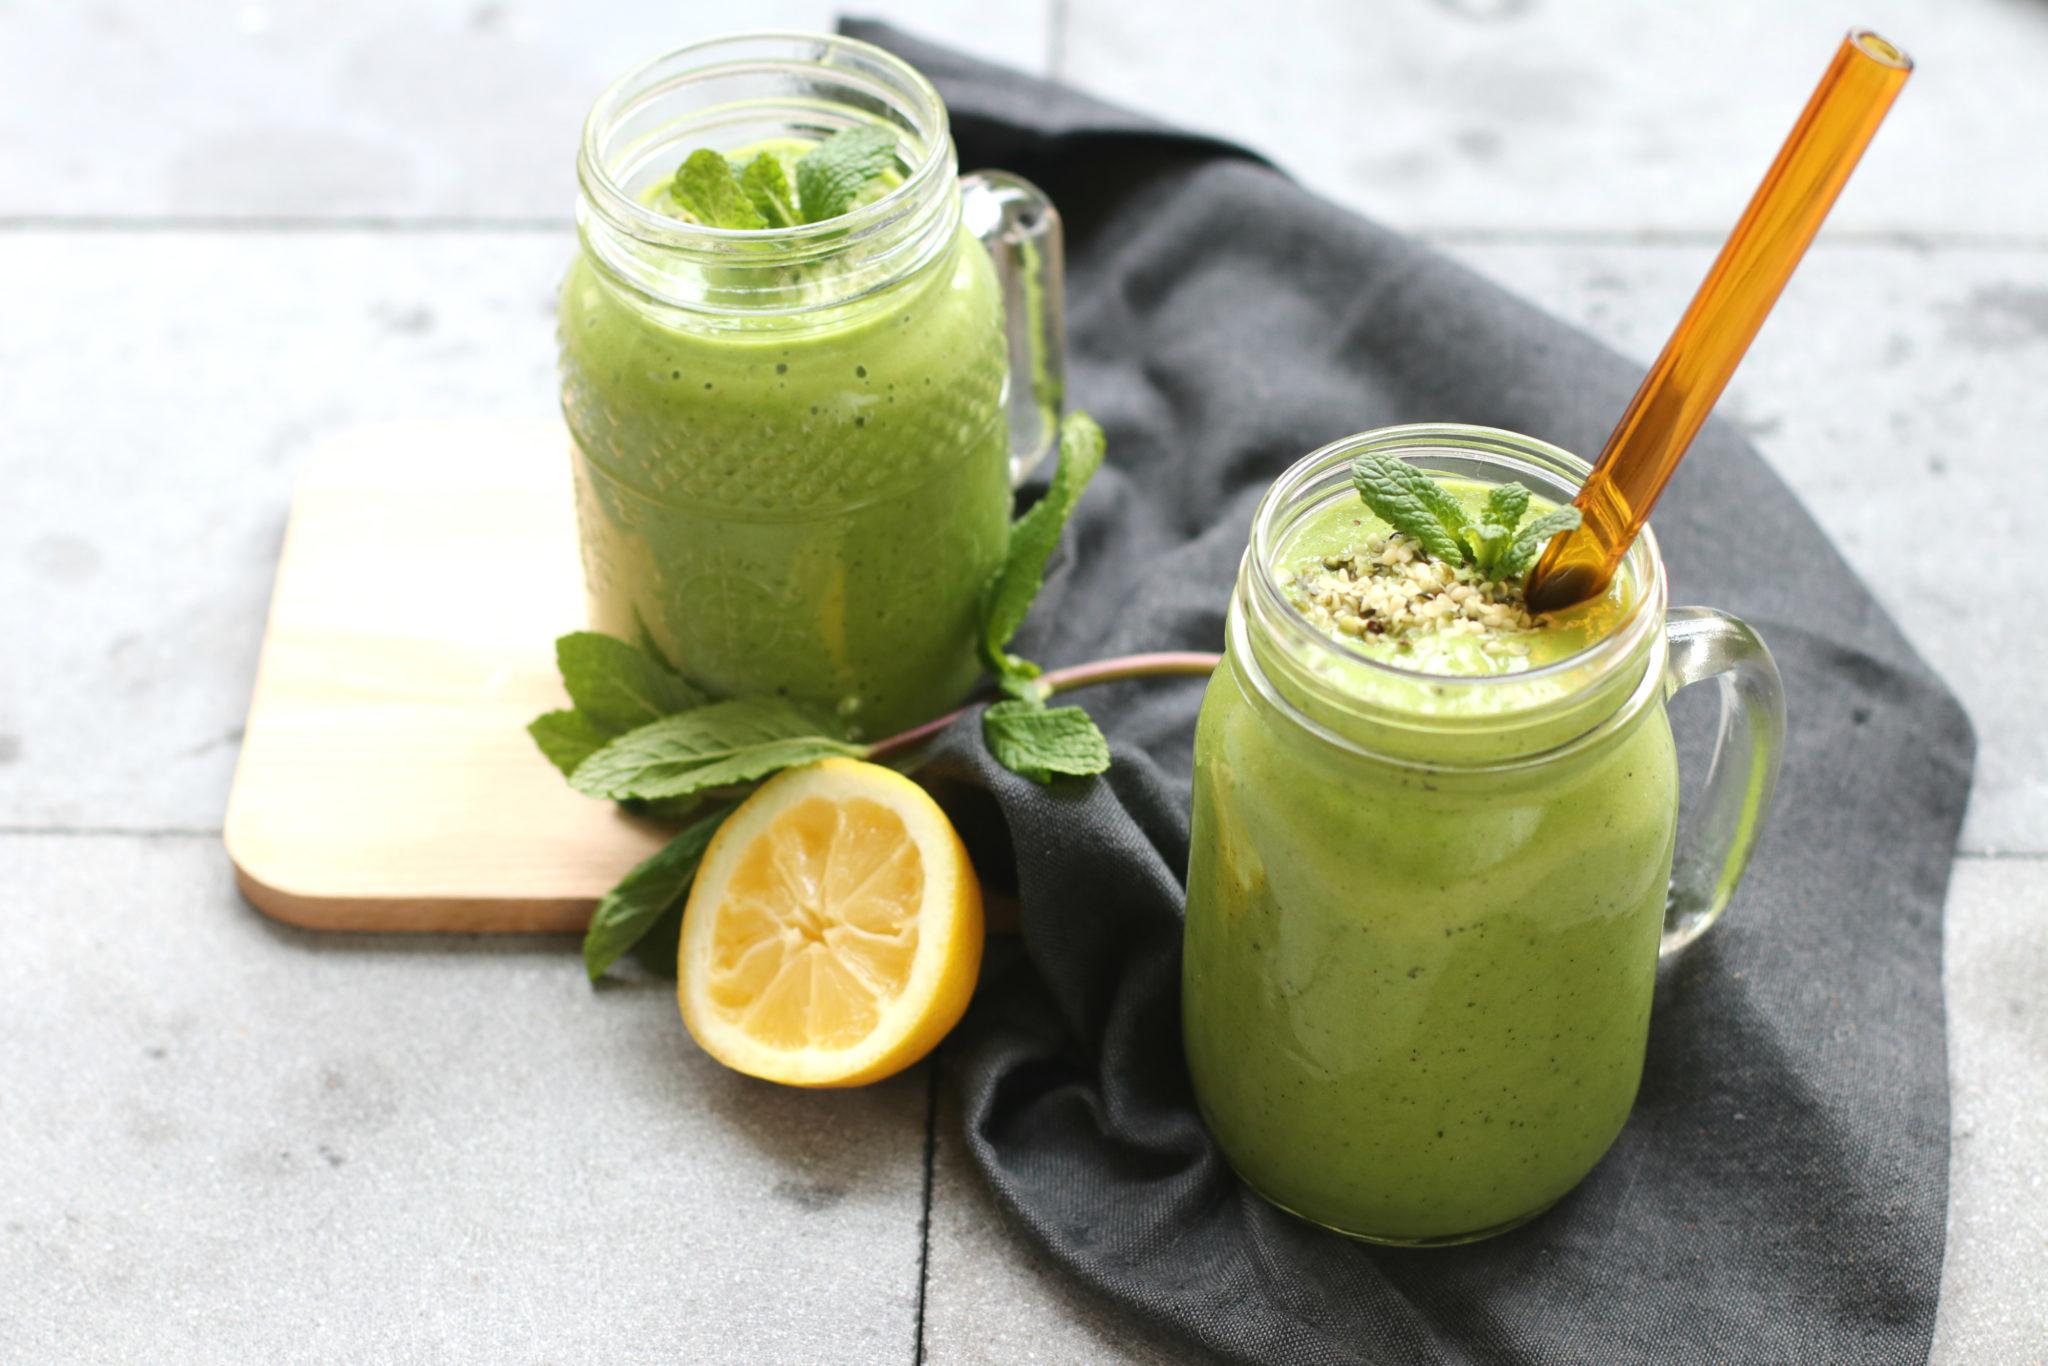 Recept groene smoothie met munt en kiwi www.jaimyskitchen.nl